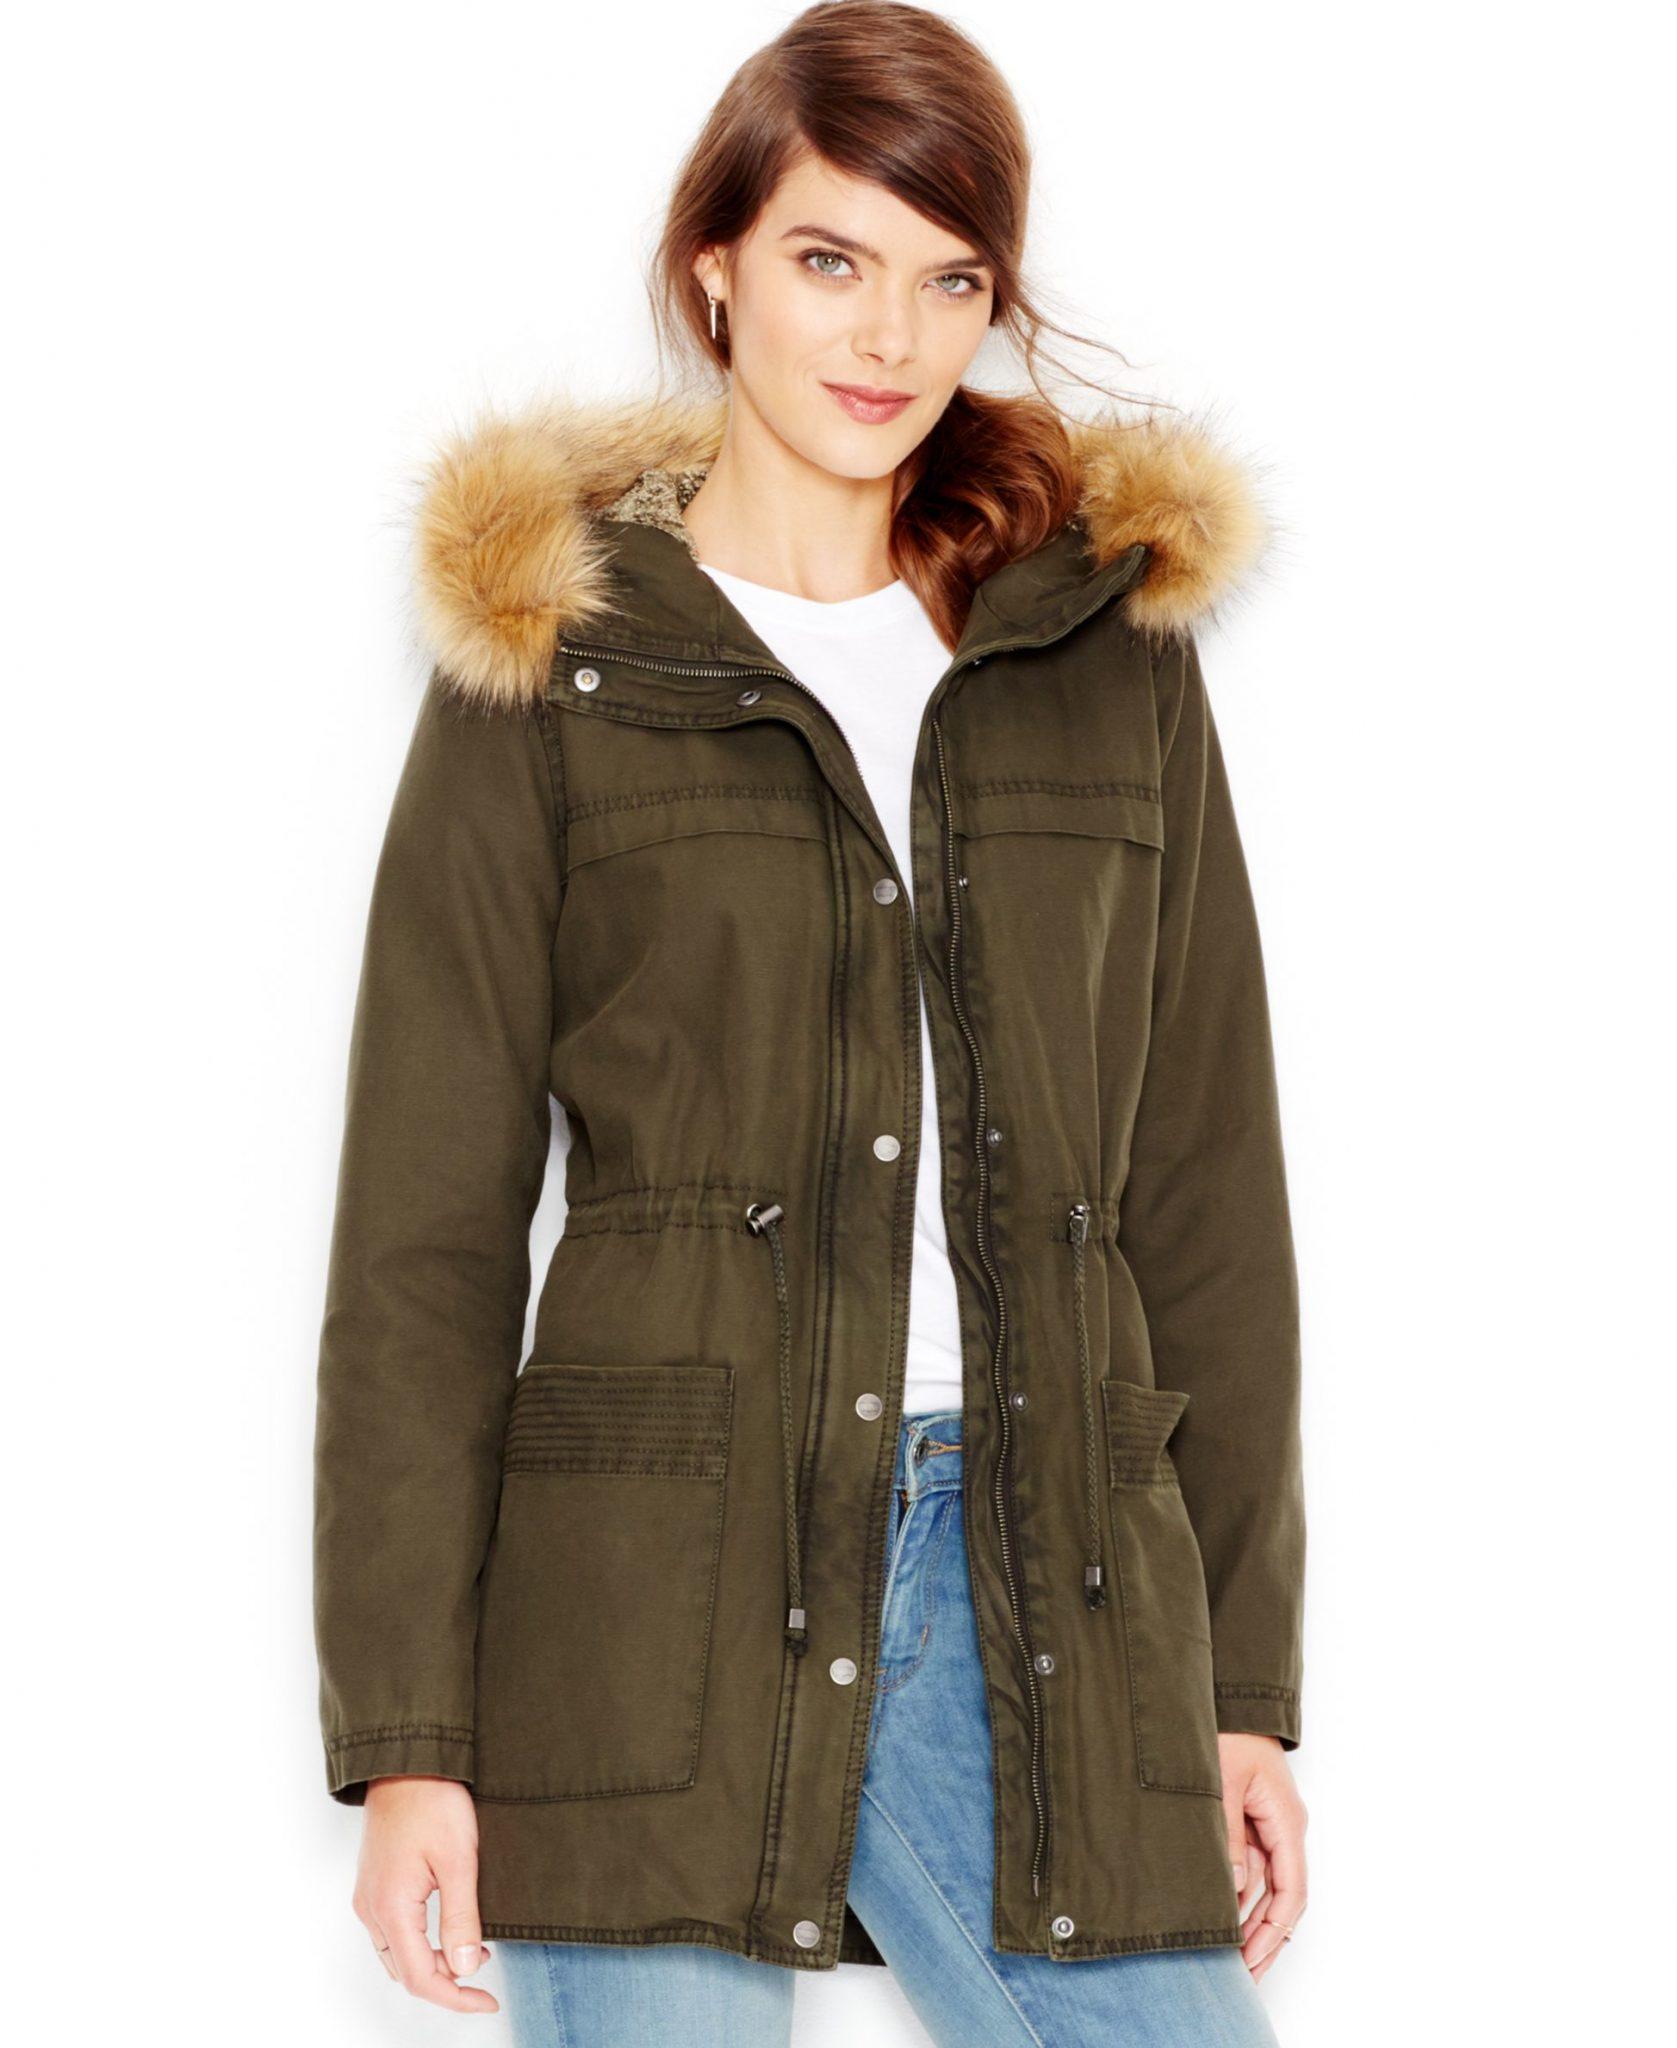 levis faux-fur jacket